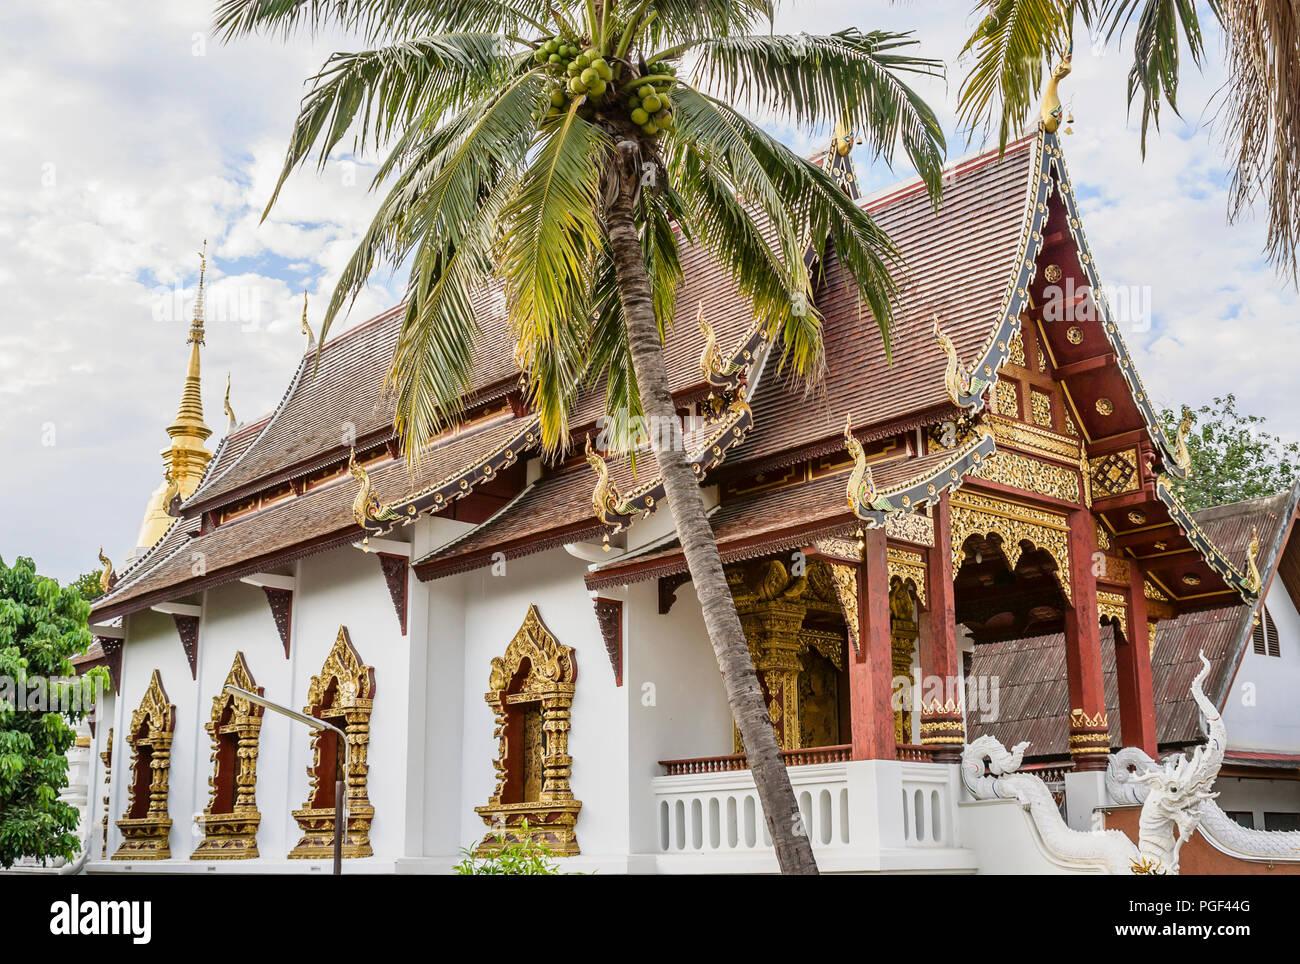 Wat Chang Taem, Chiang Mai, Thailand - Stock Image